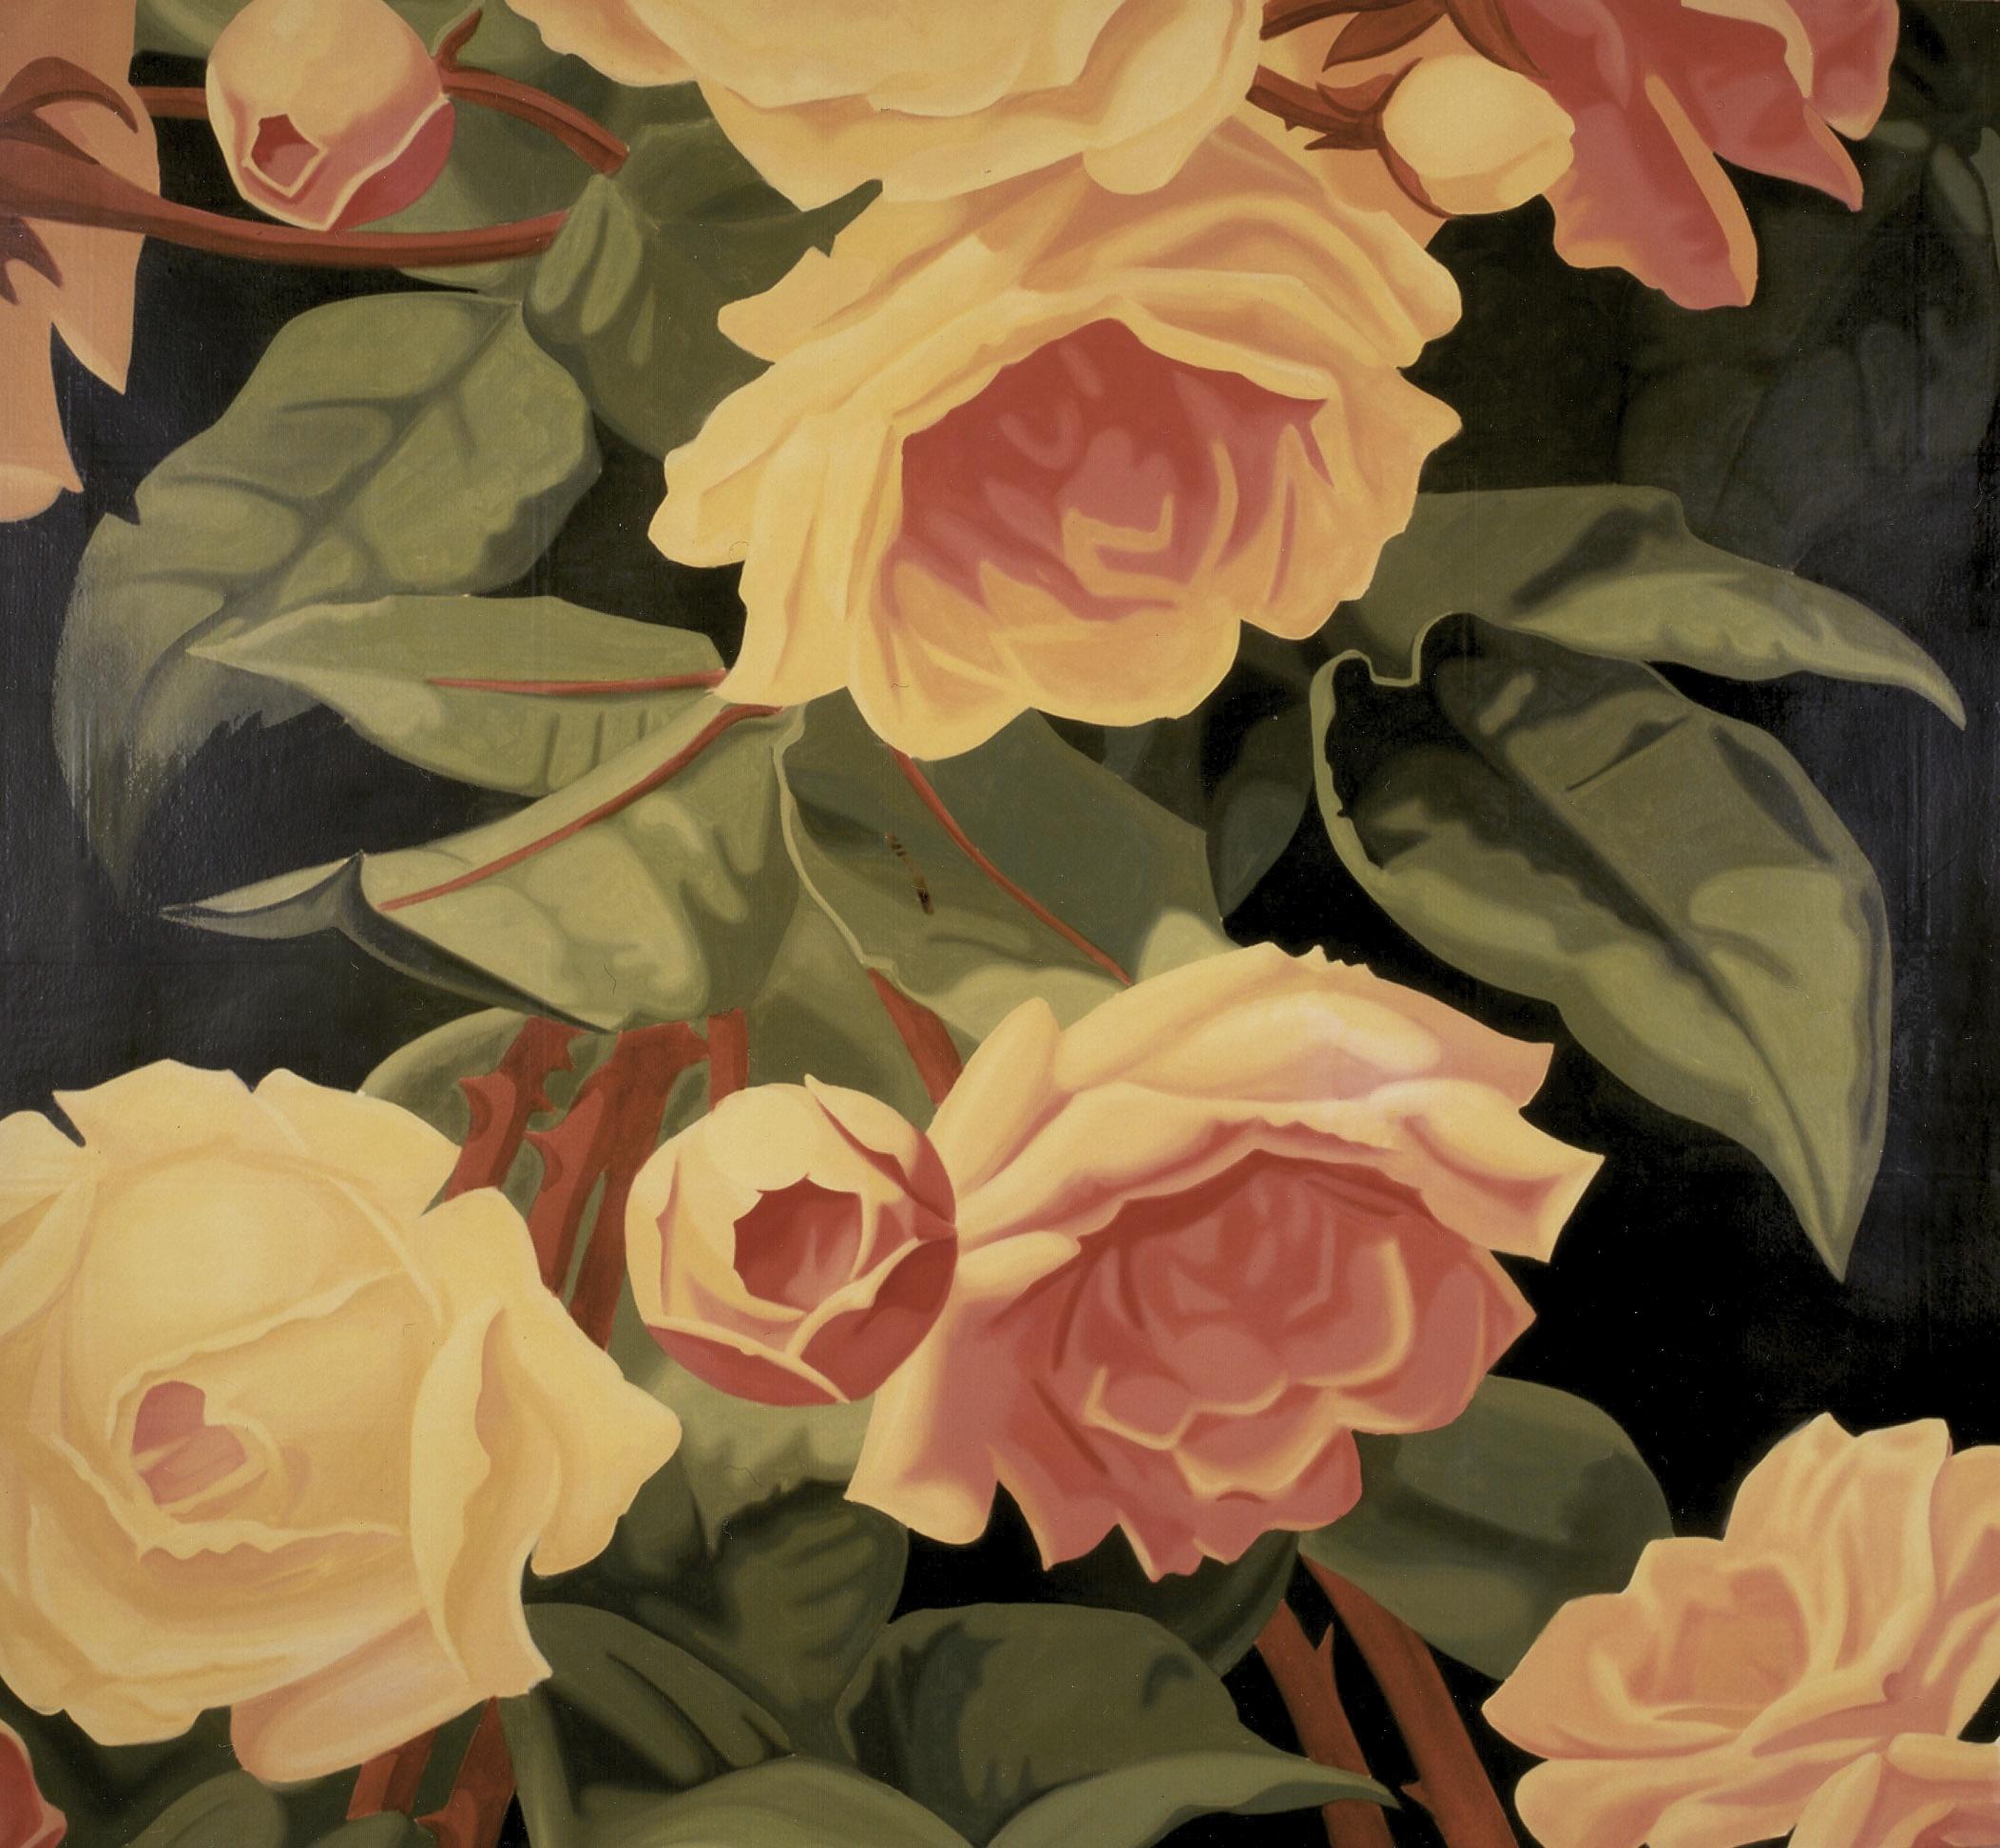 Rose Flower Wall Mural